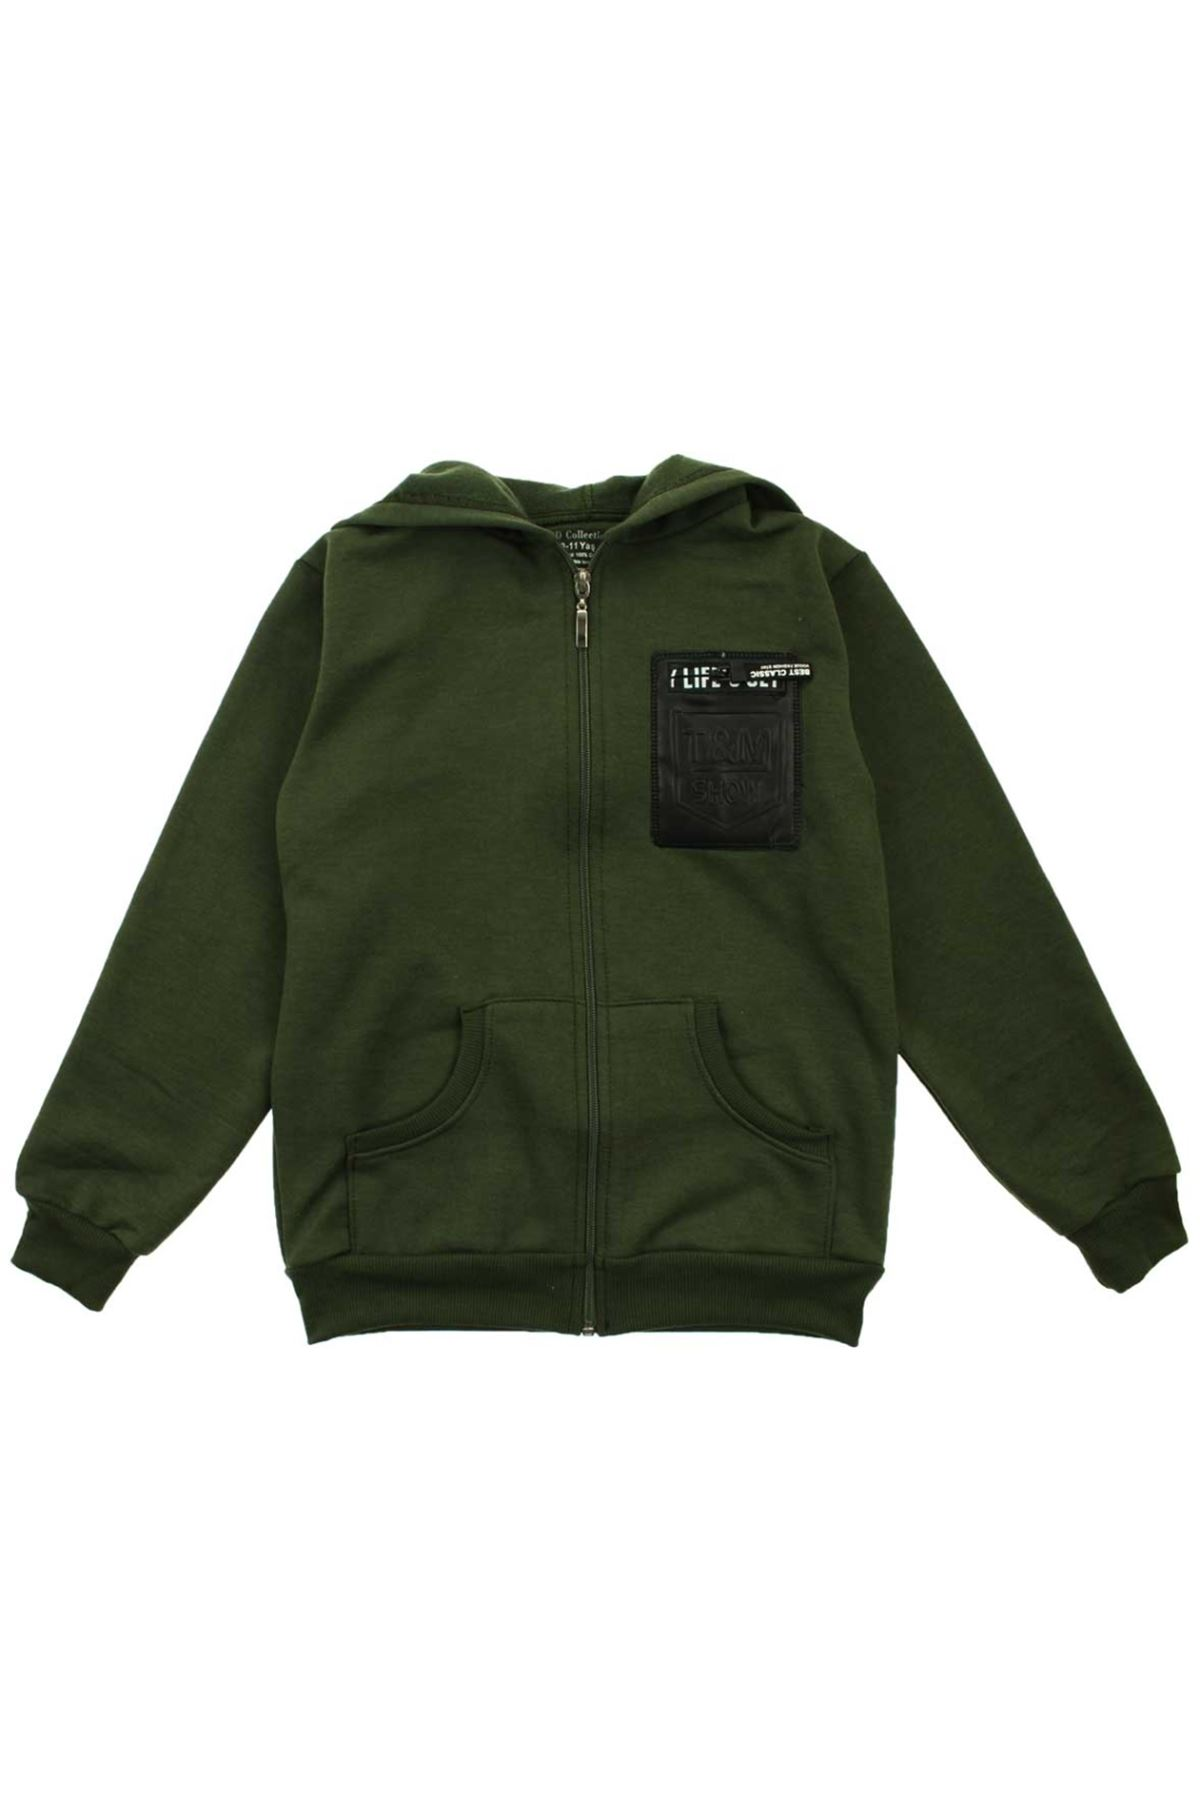 Koyu Yeşil Erkek Çocuk Kapşonlu Kışlık Sweat